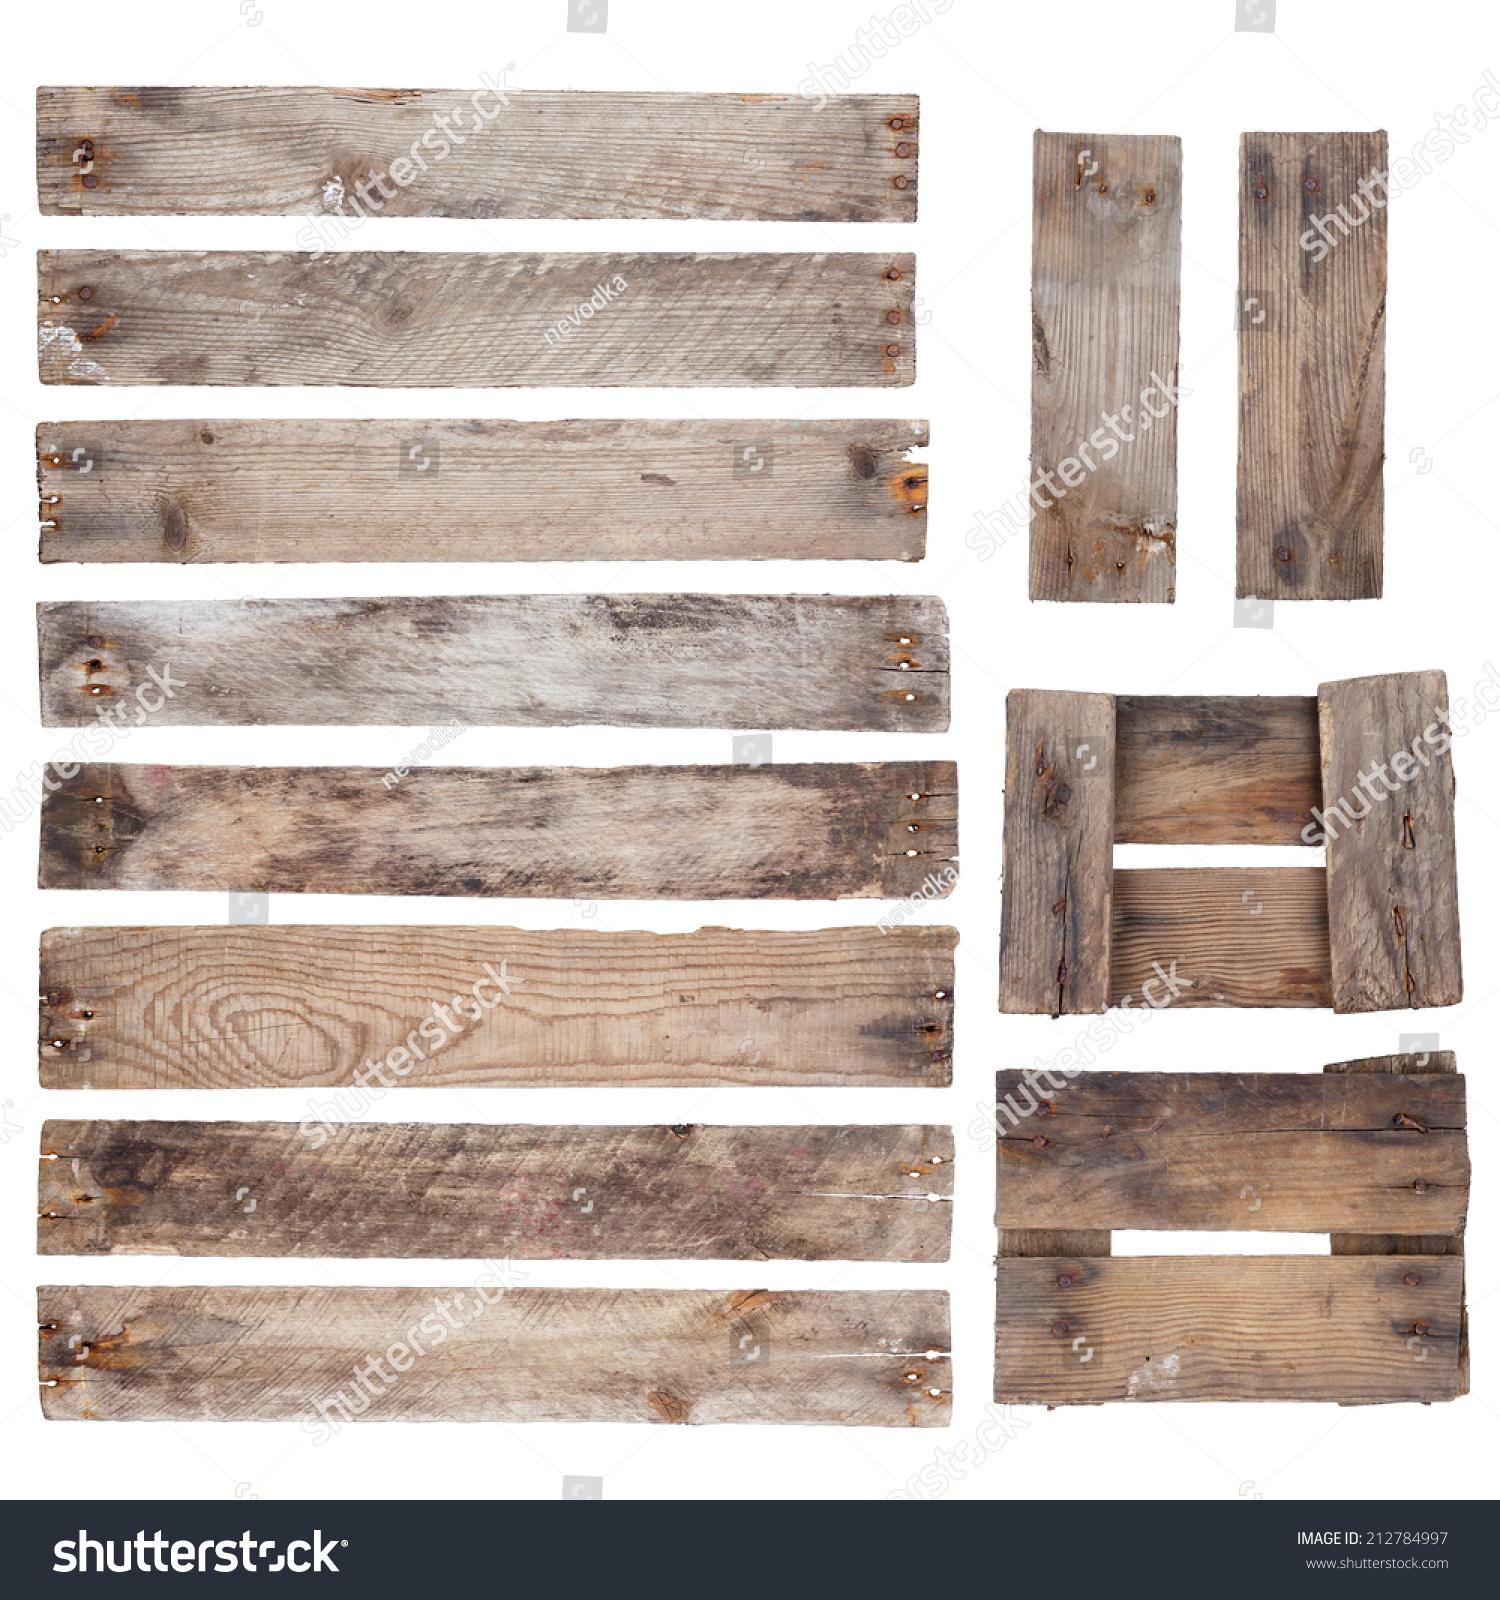 风化的旧木板和钉子孤立在白色背景的乡村-物体,复古